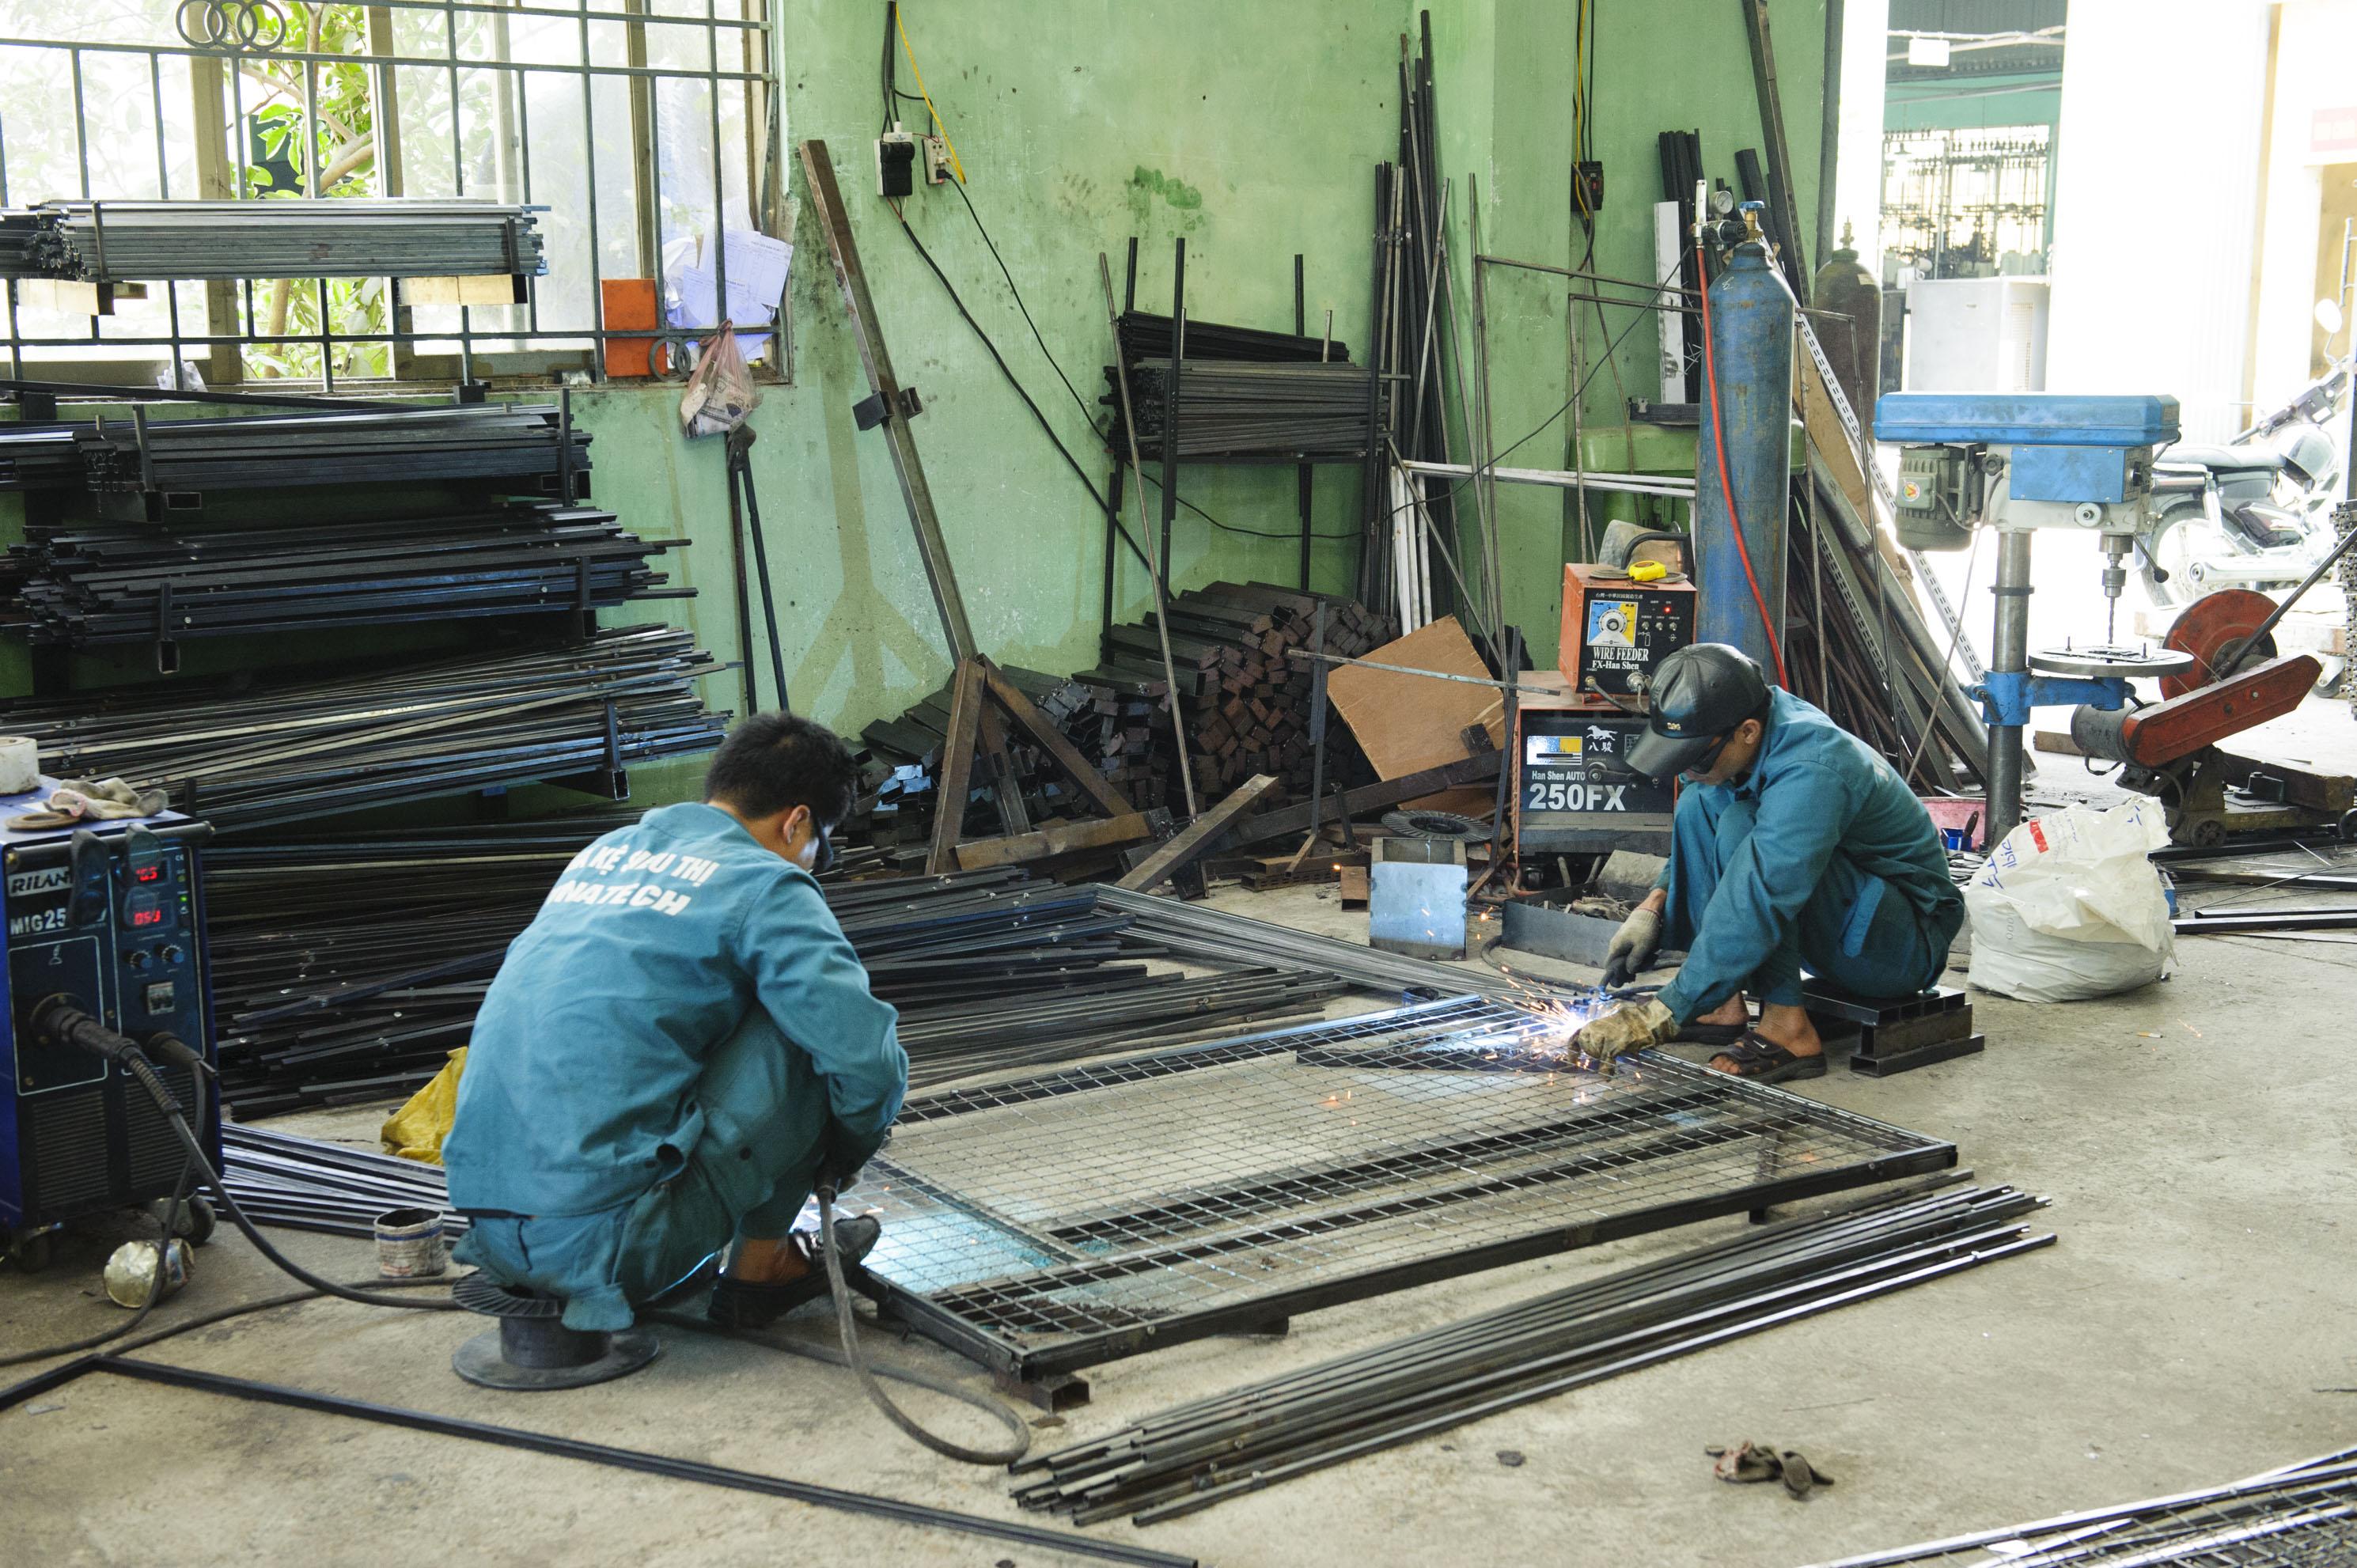 Vinatech - Địa chỉ sản xuất kệ siêu thị uy tín số 1 Việt Nam